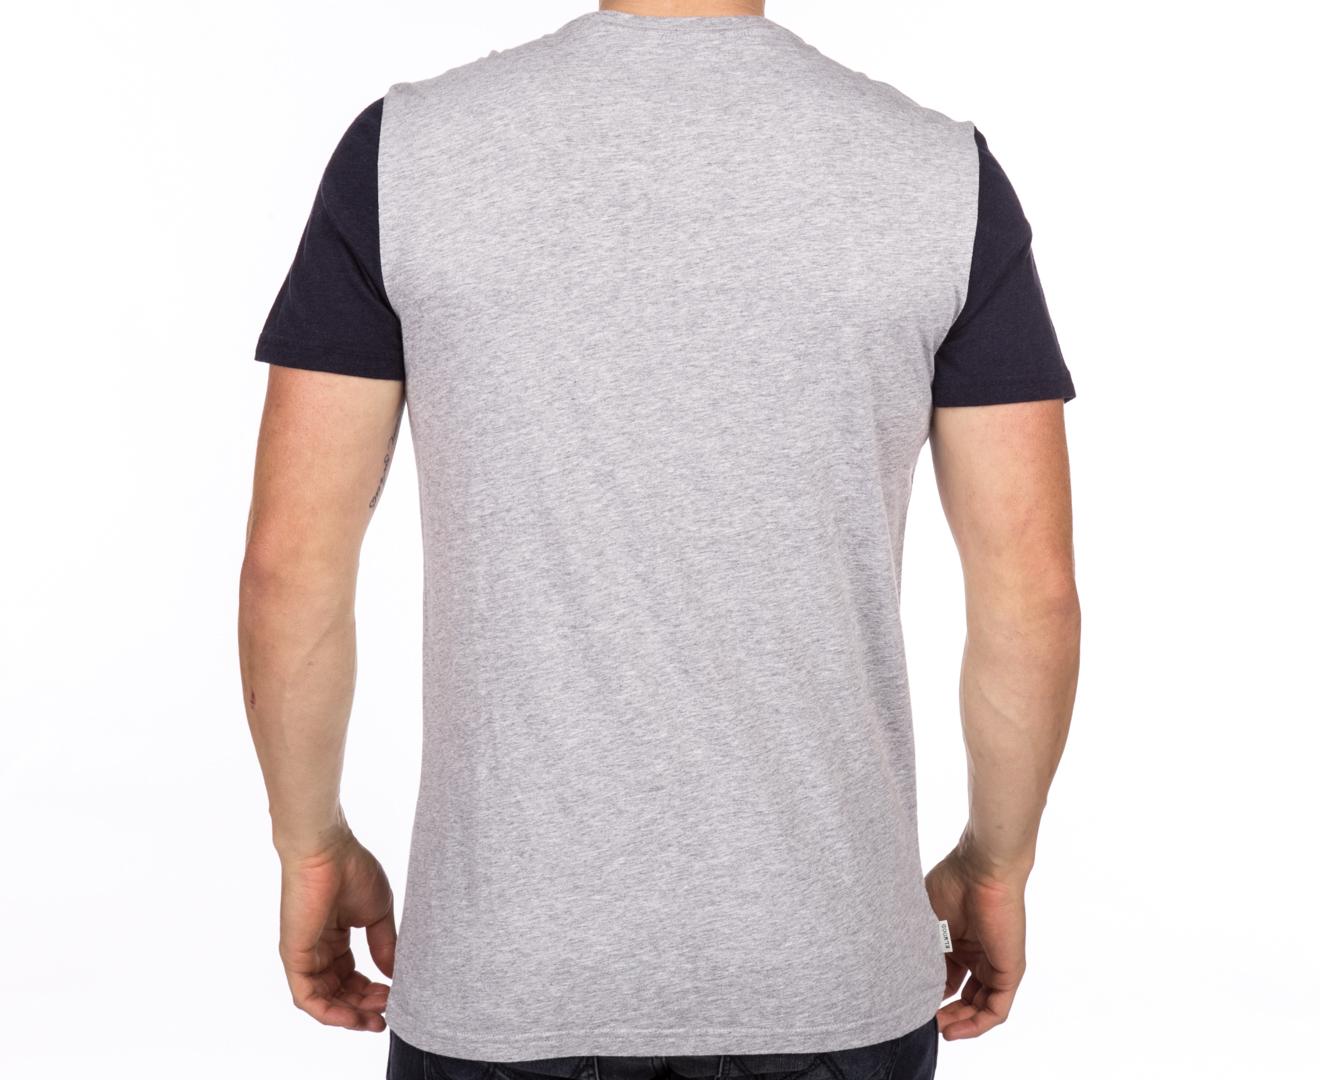 Elwood Clothing Online Australia